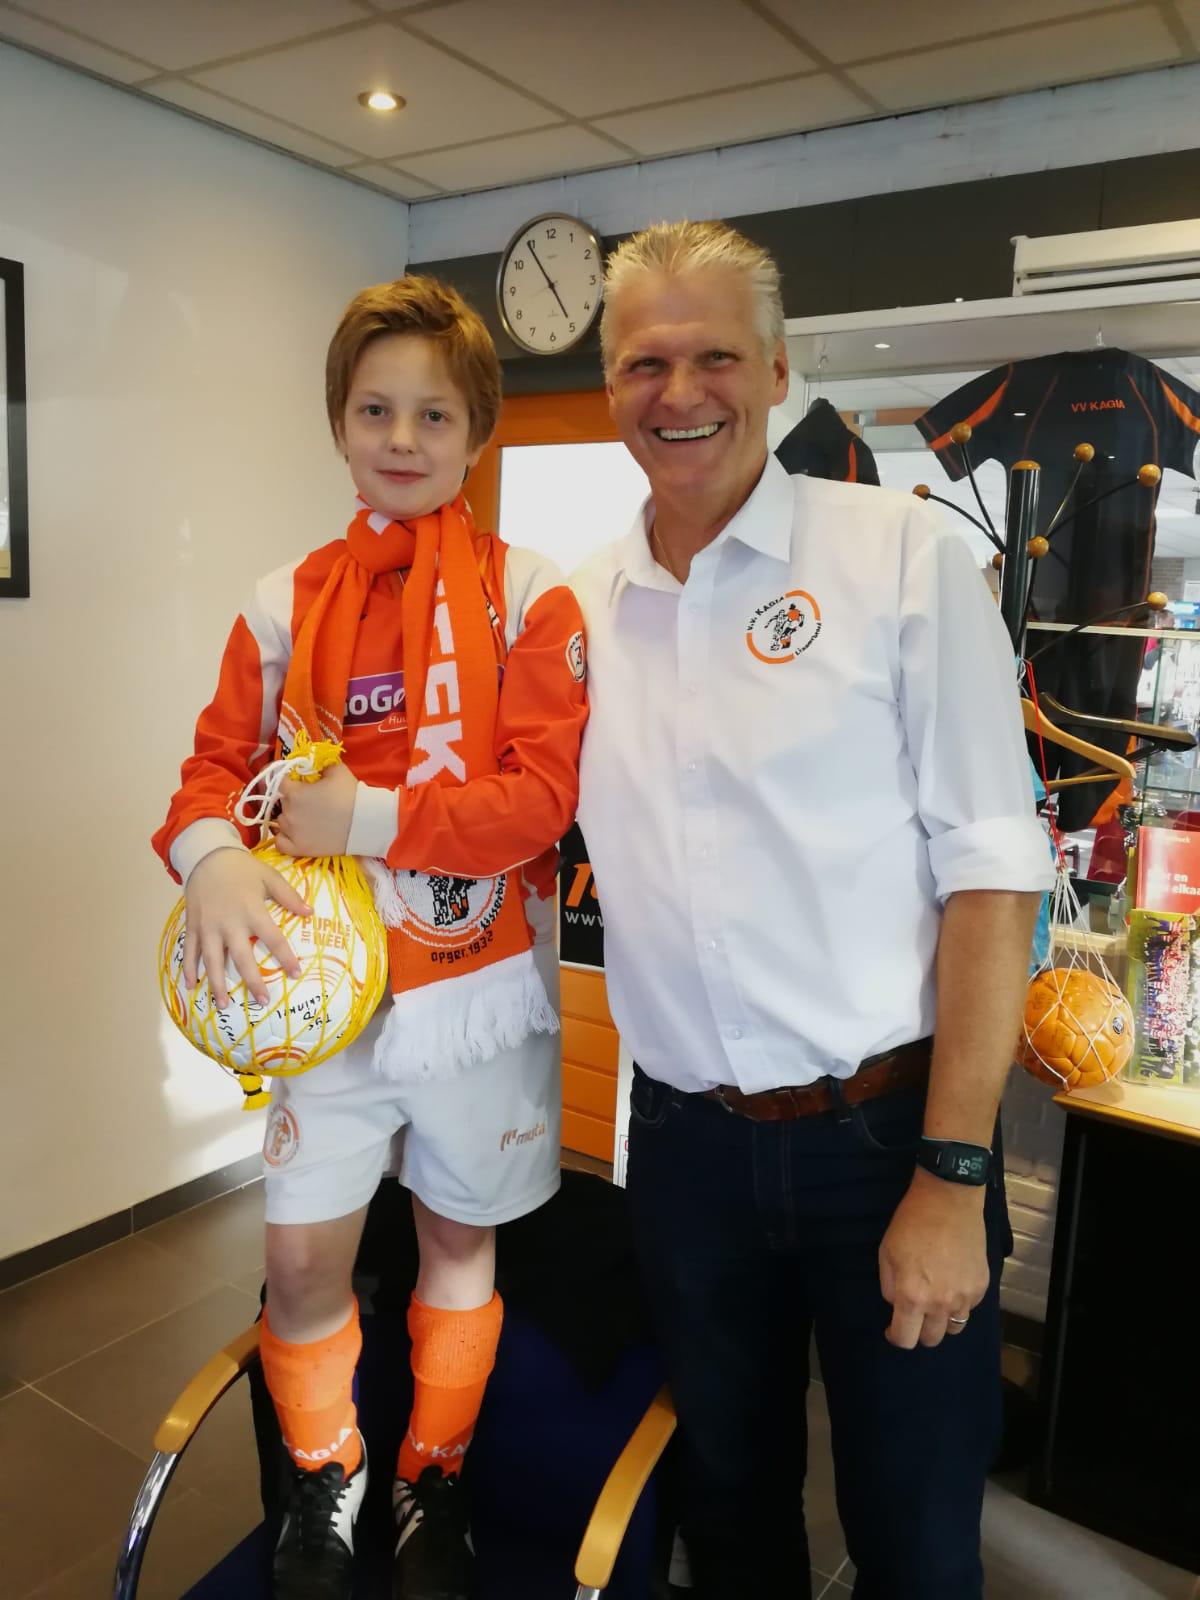 Pupil van de week: Rafi van der Laan